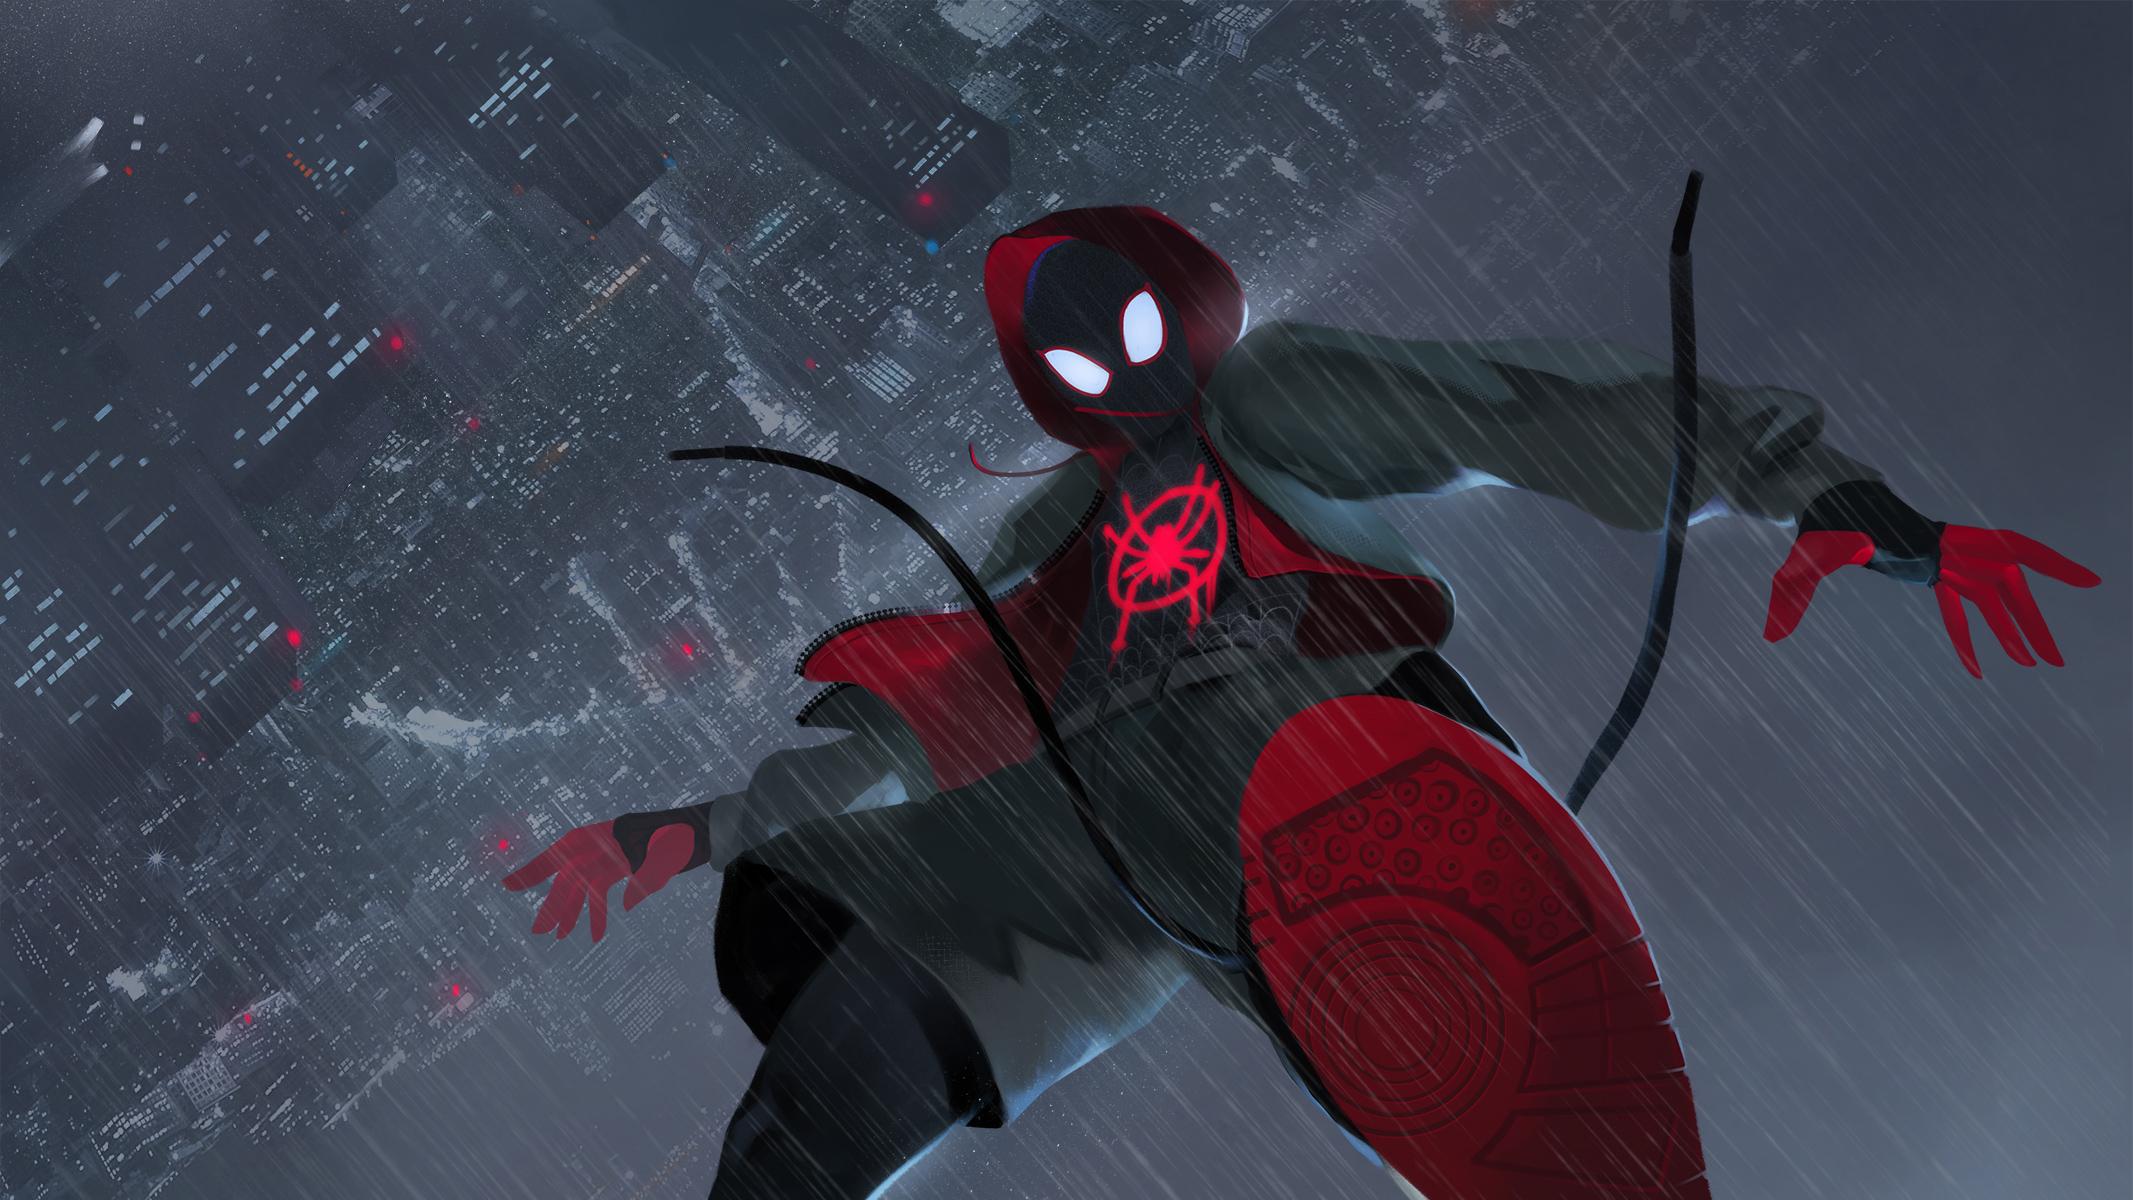 Wallpaper Spider Man 2099 Fan Art 4k Creative Graphics: Spider Man Into The Spider Verse FanArt, HD Movies, 4k